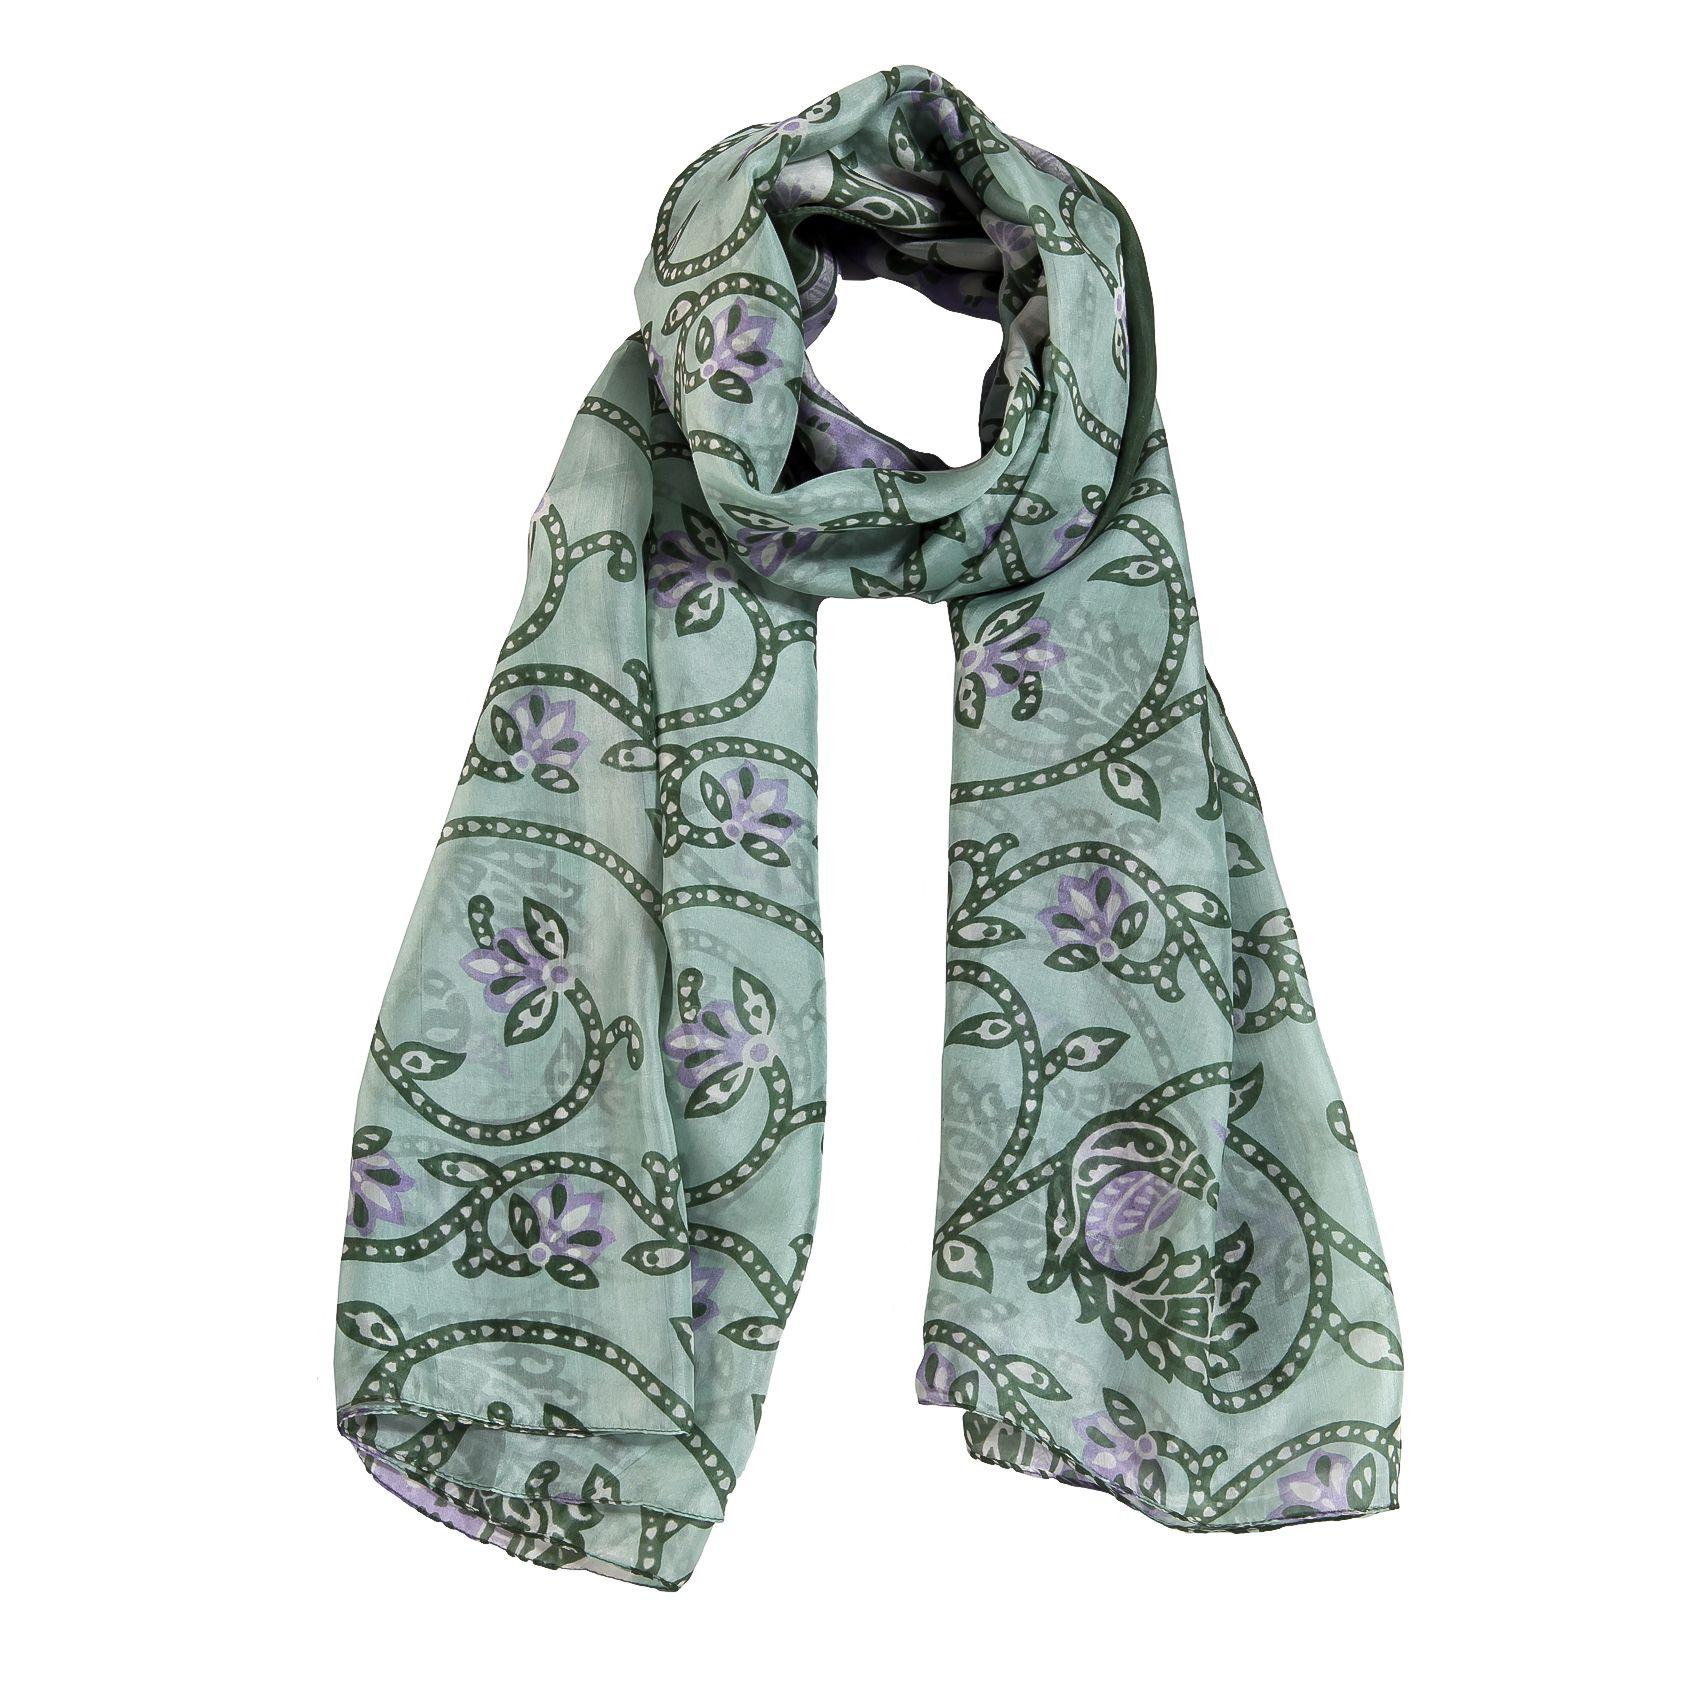 sciarpa in seta 100% di tonalità verde con motivo su stampa a fantasia. Made in India. Dimensioni: Lunghezza 200 cm, Larghezza 110 cm.